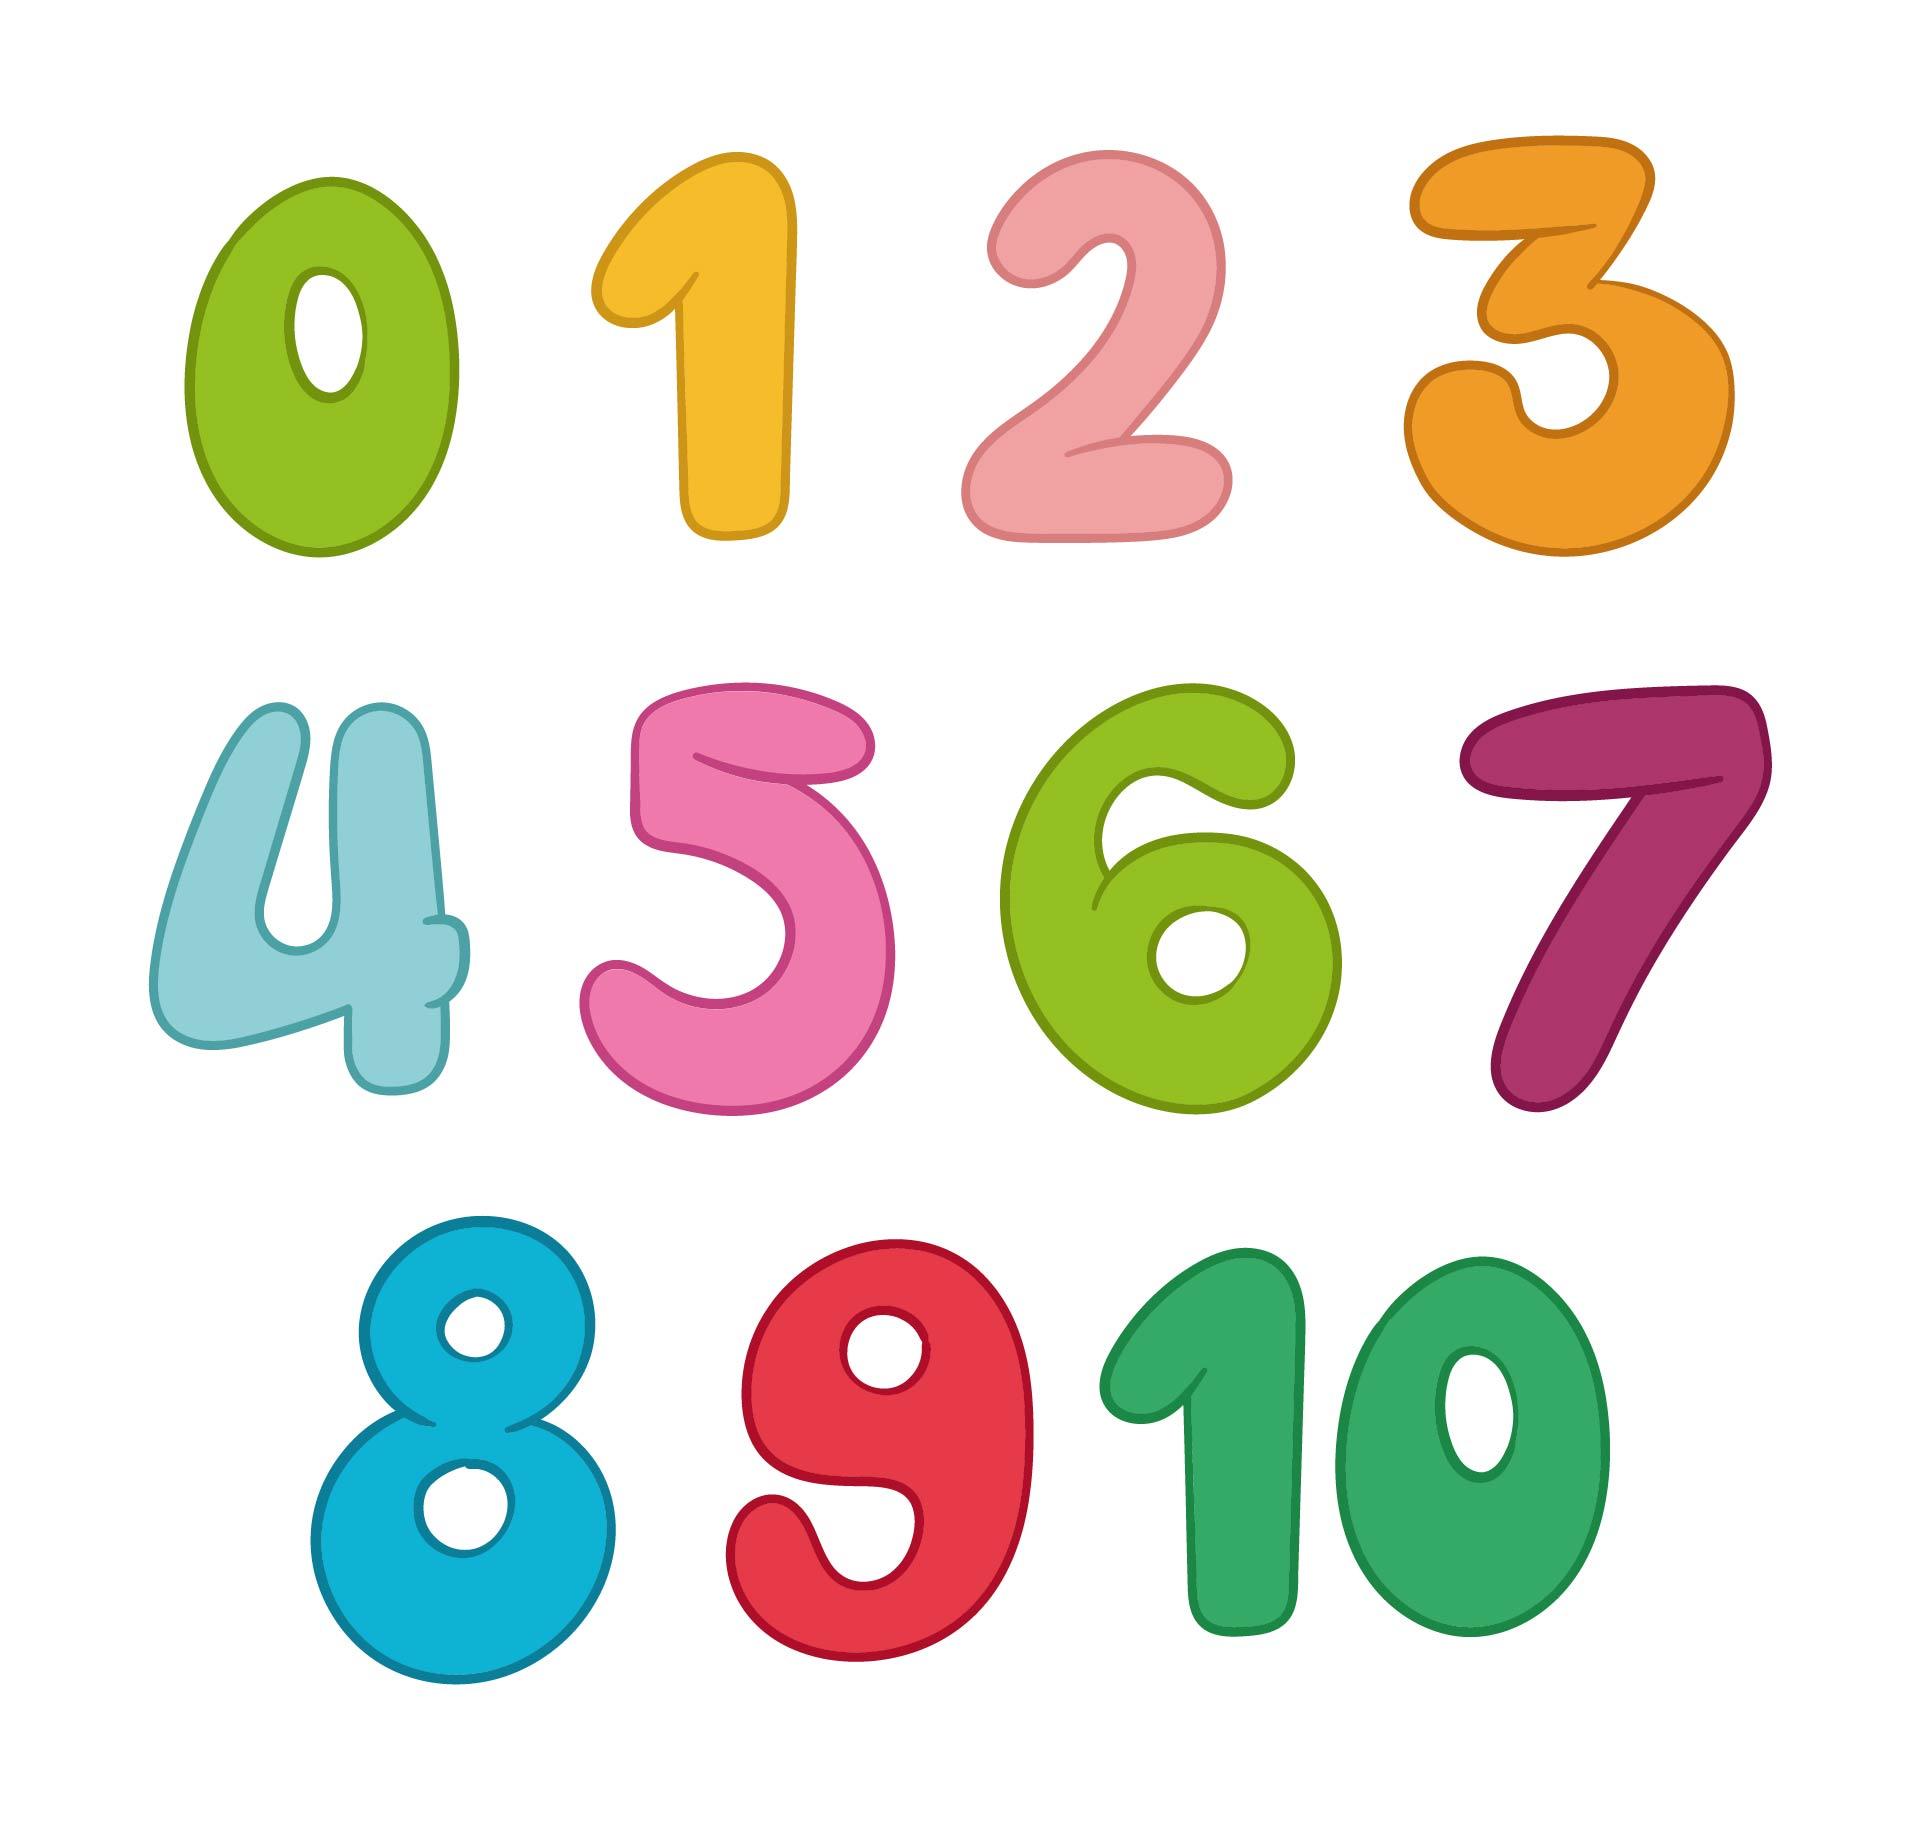 Number Names Worksheets printable numbers 1 to 10 : 7 Best Images of Printable Bubble Numbers 0-10 - Free Printable ...